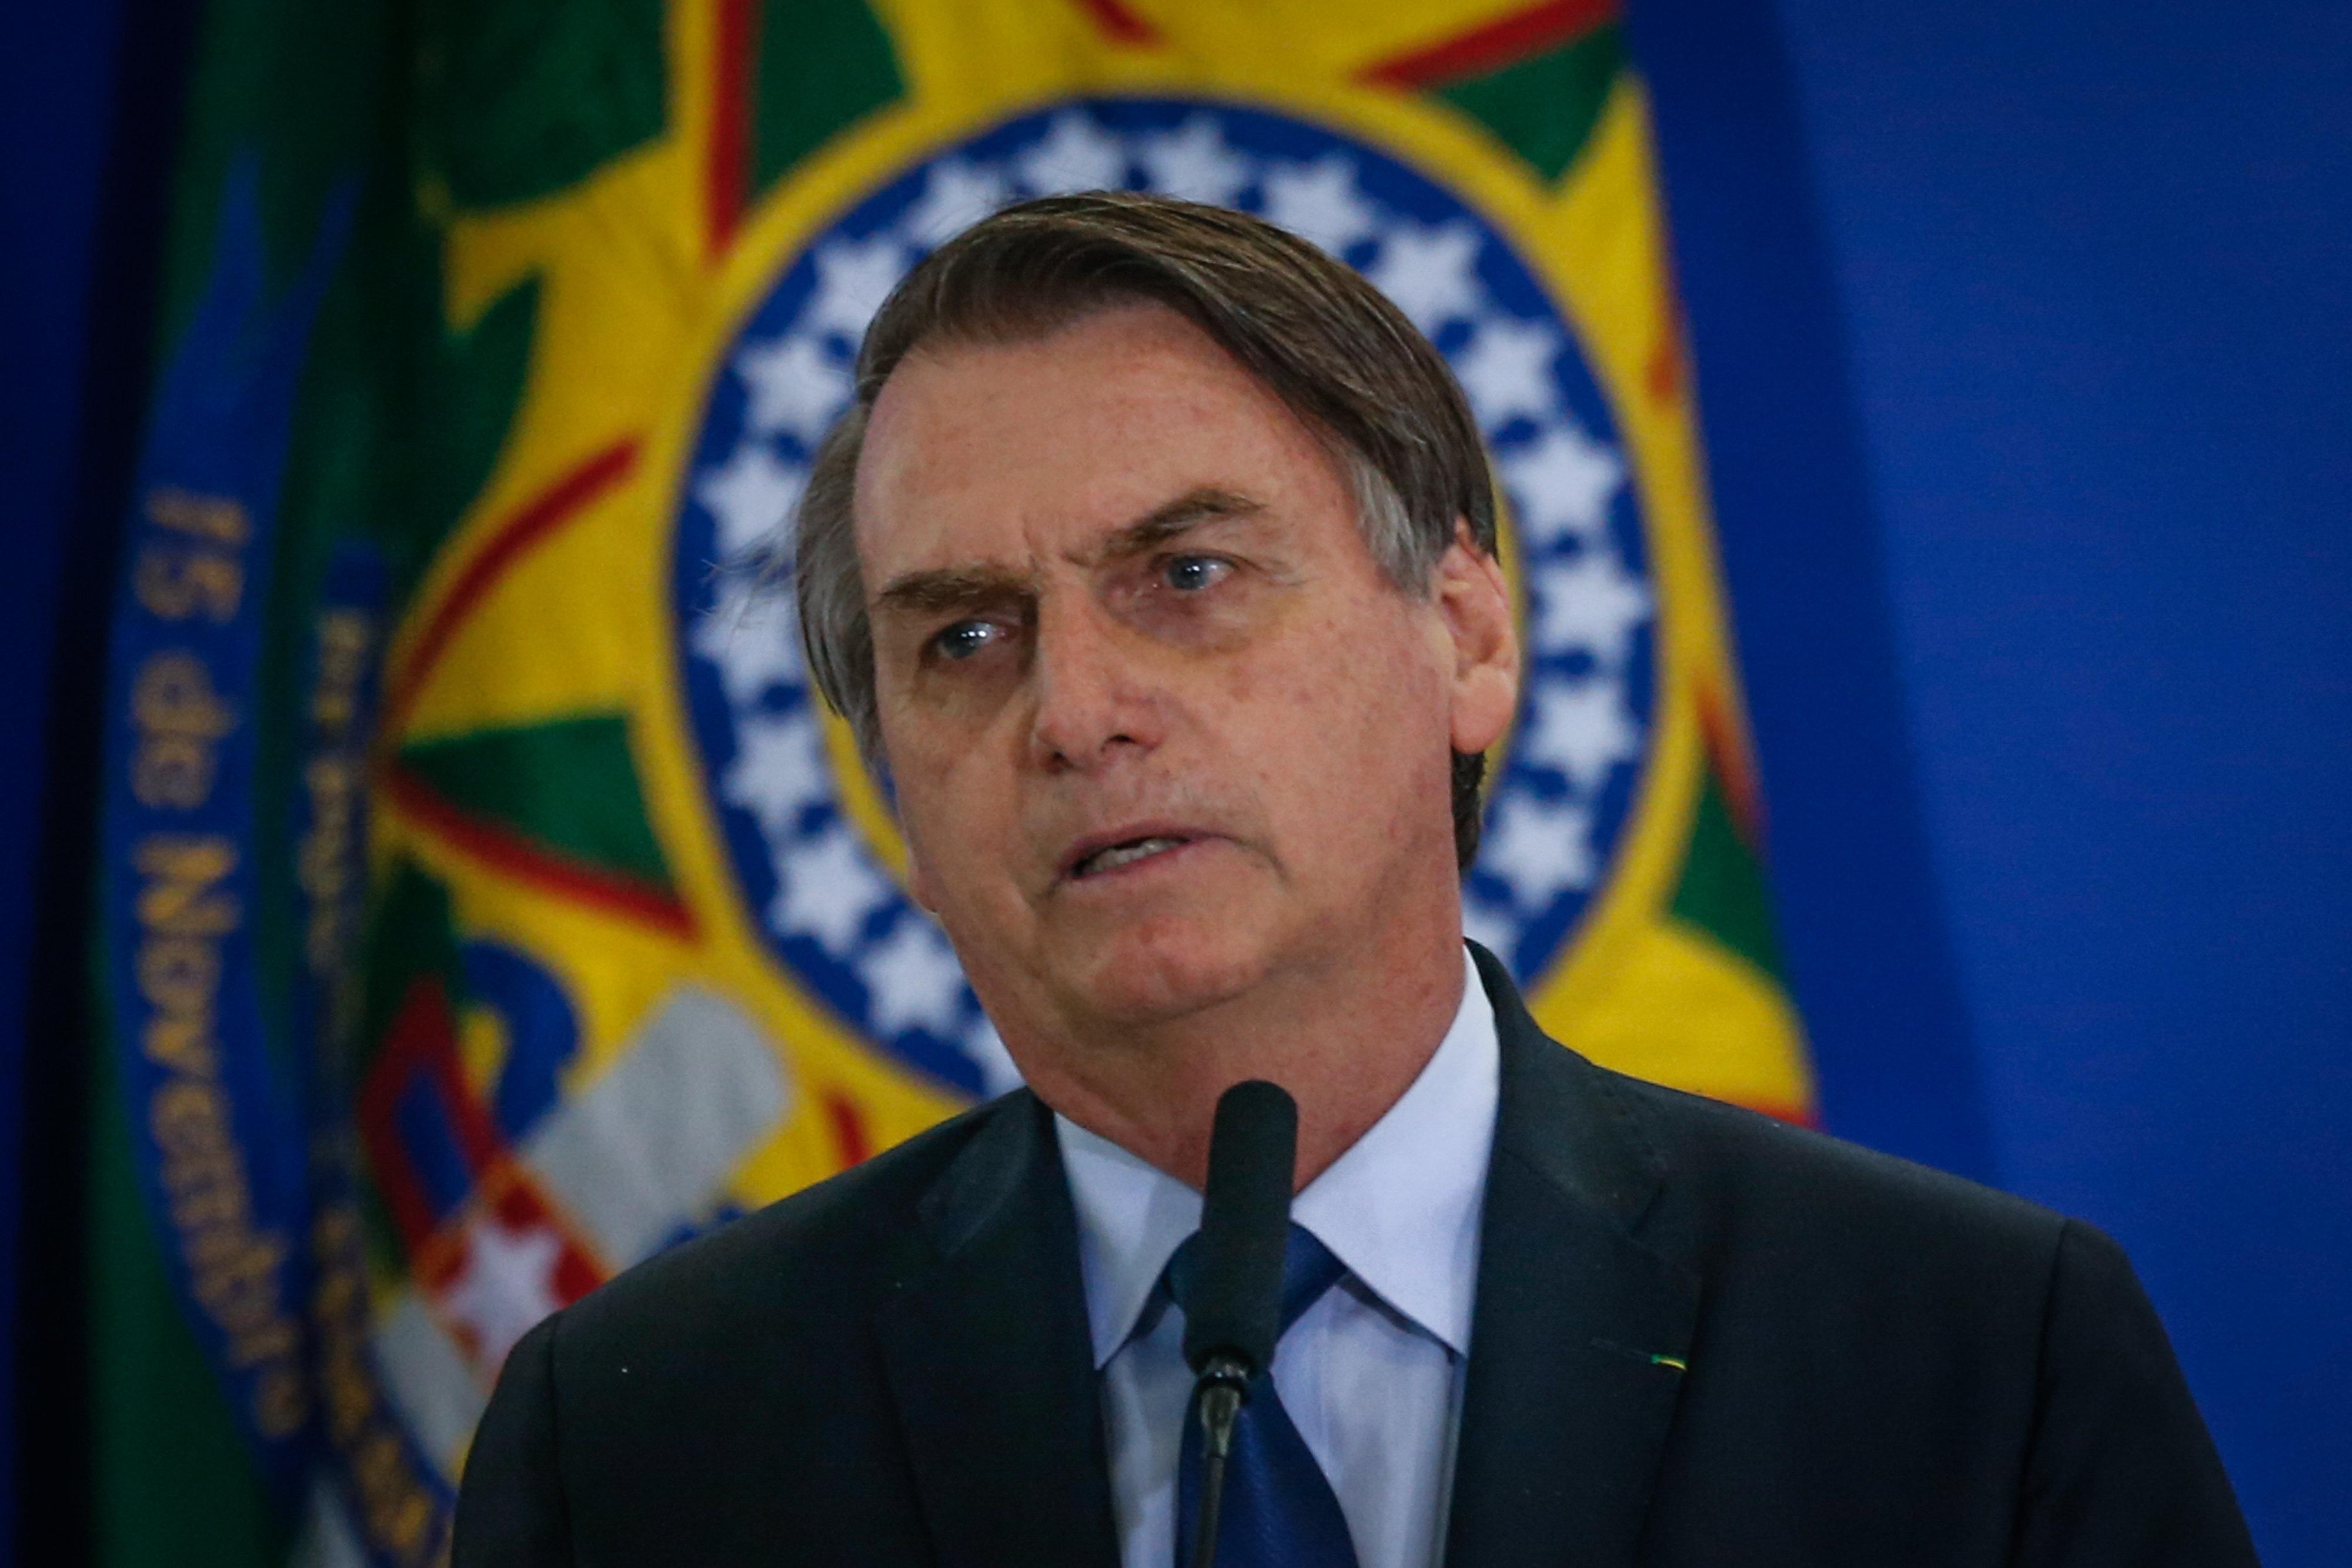 ブラジルでは毎年1000人がペニスの切除を余儀なくされている? ボルソナーロ大統領が驚きの発言